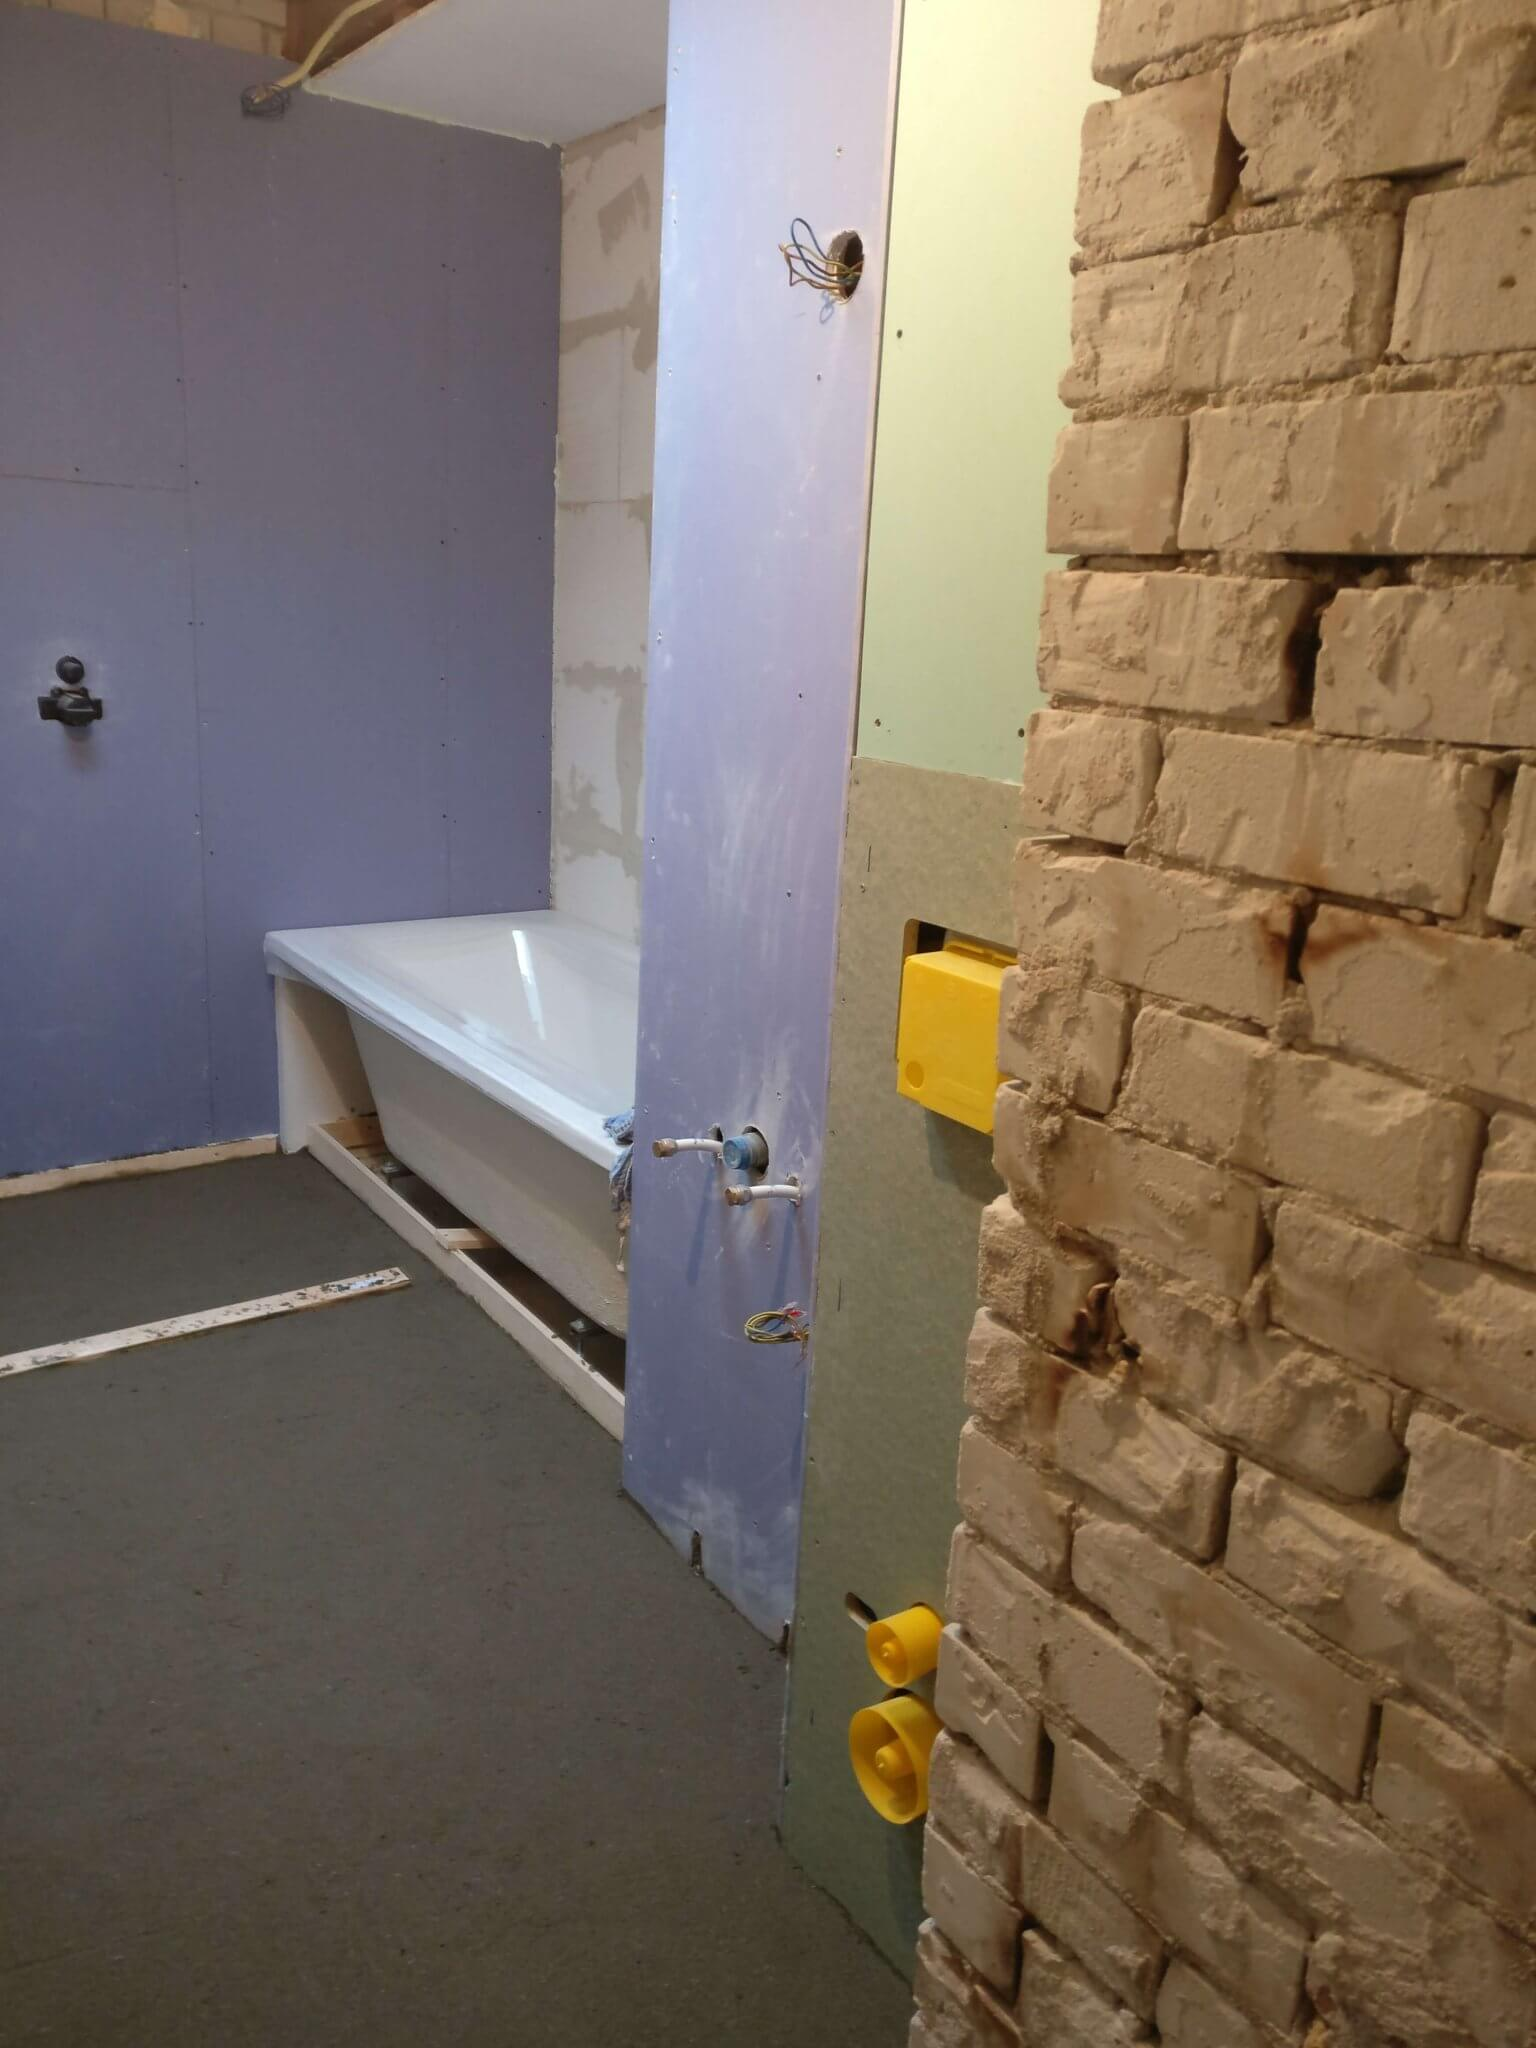 Totale badkamer verbouwing